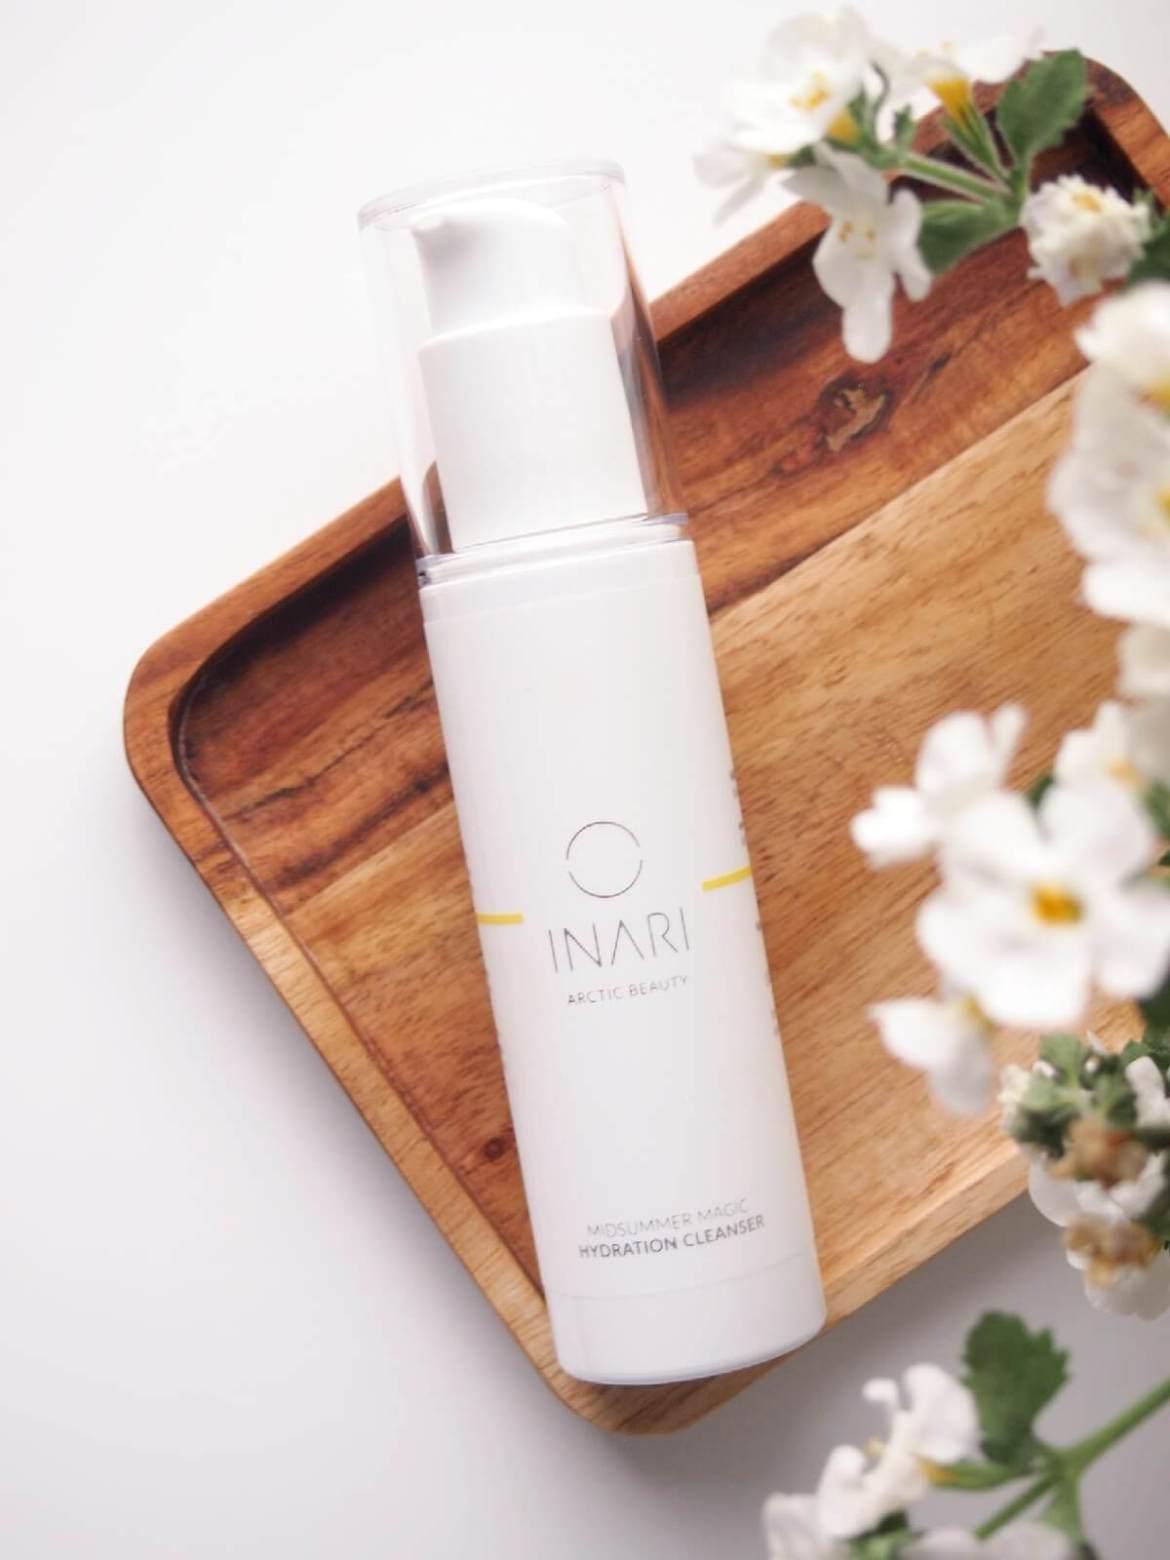 inari cosmetics puhdistusmaito